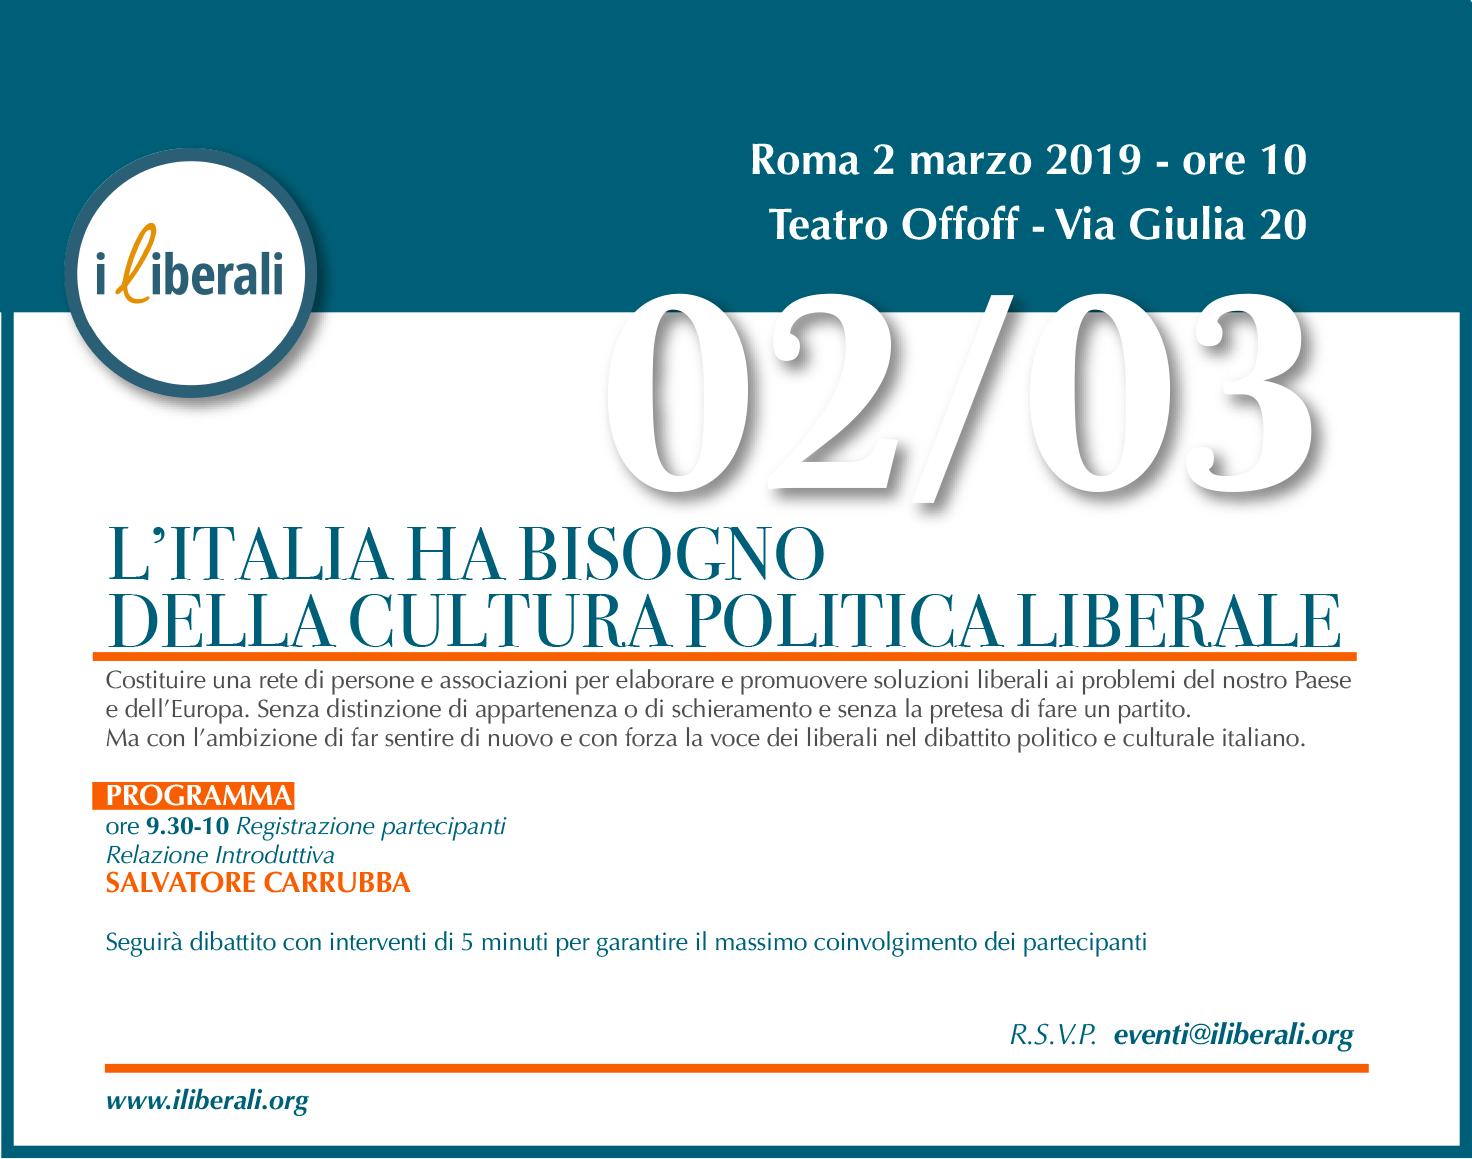 invito 2 marzo 2019 i liberali